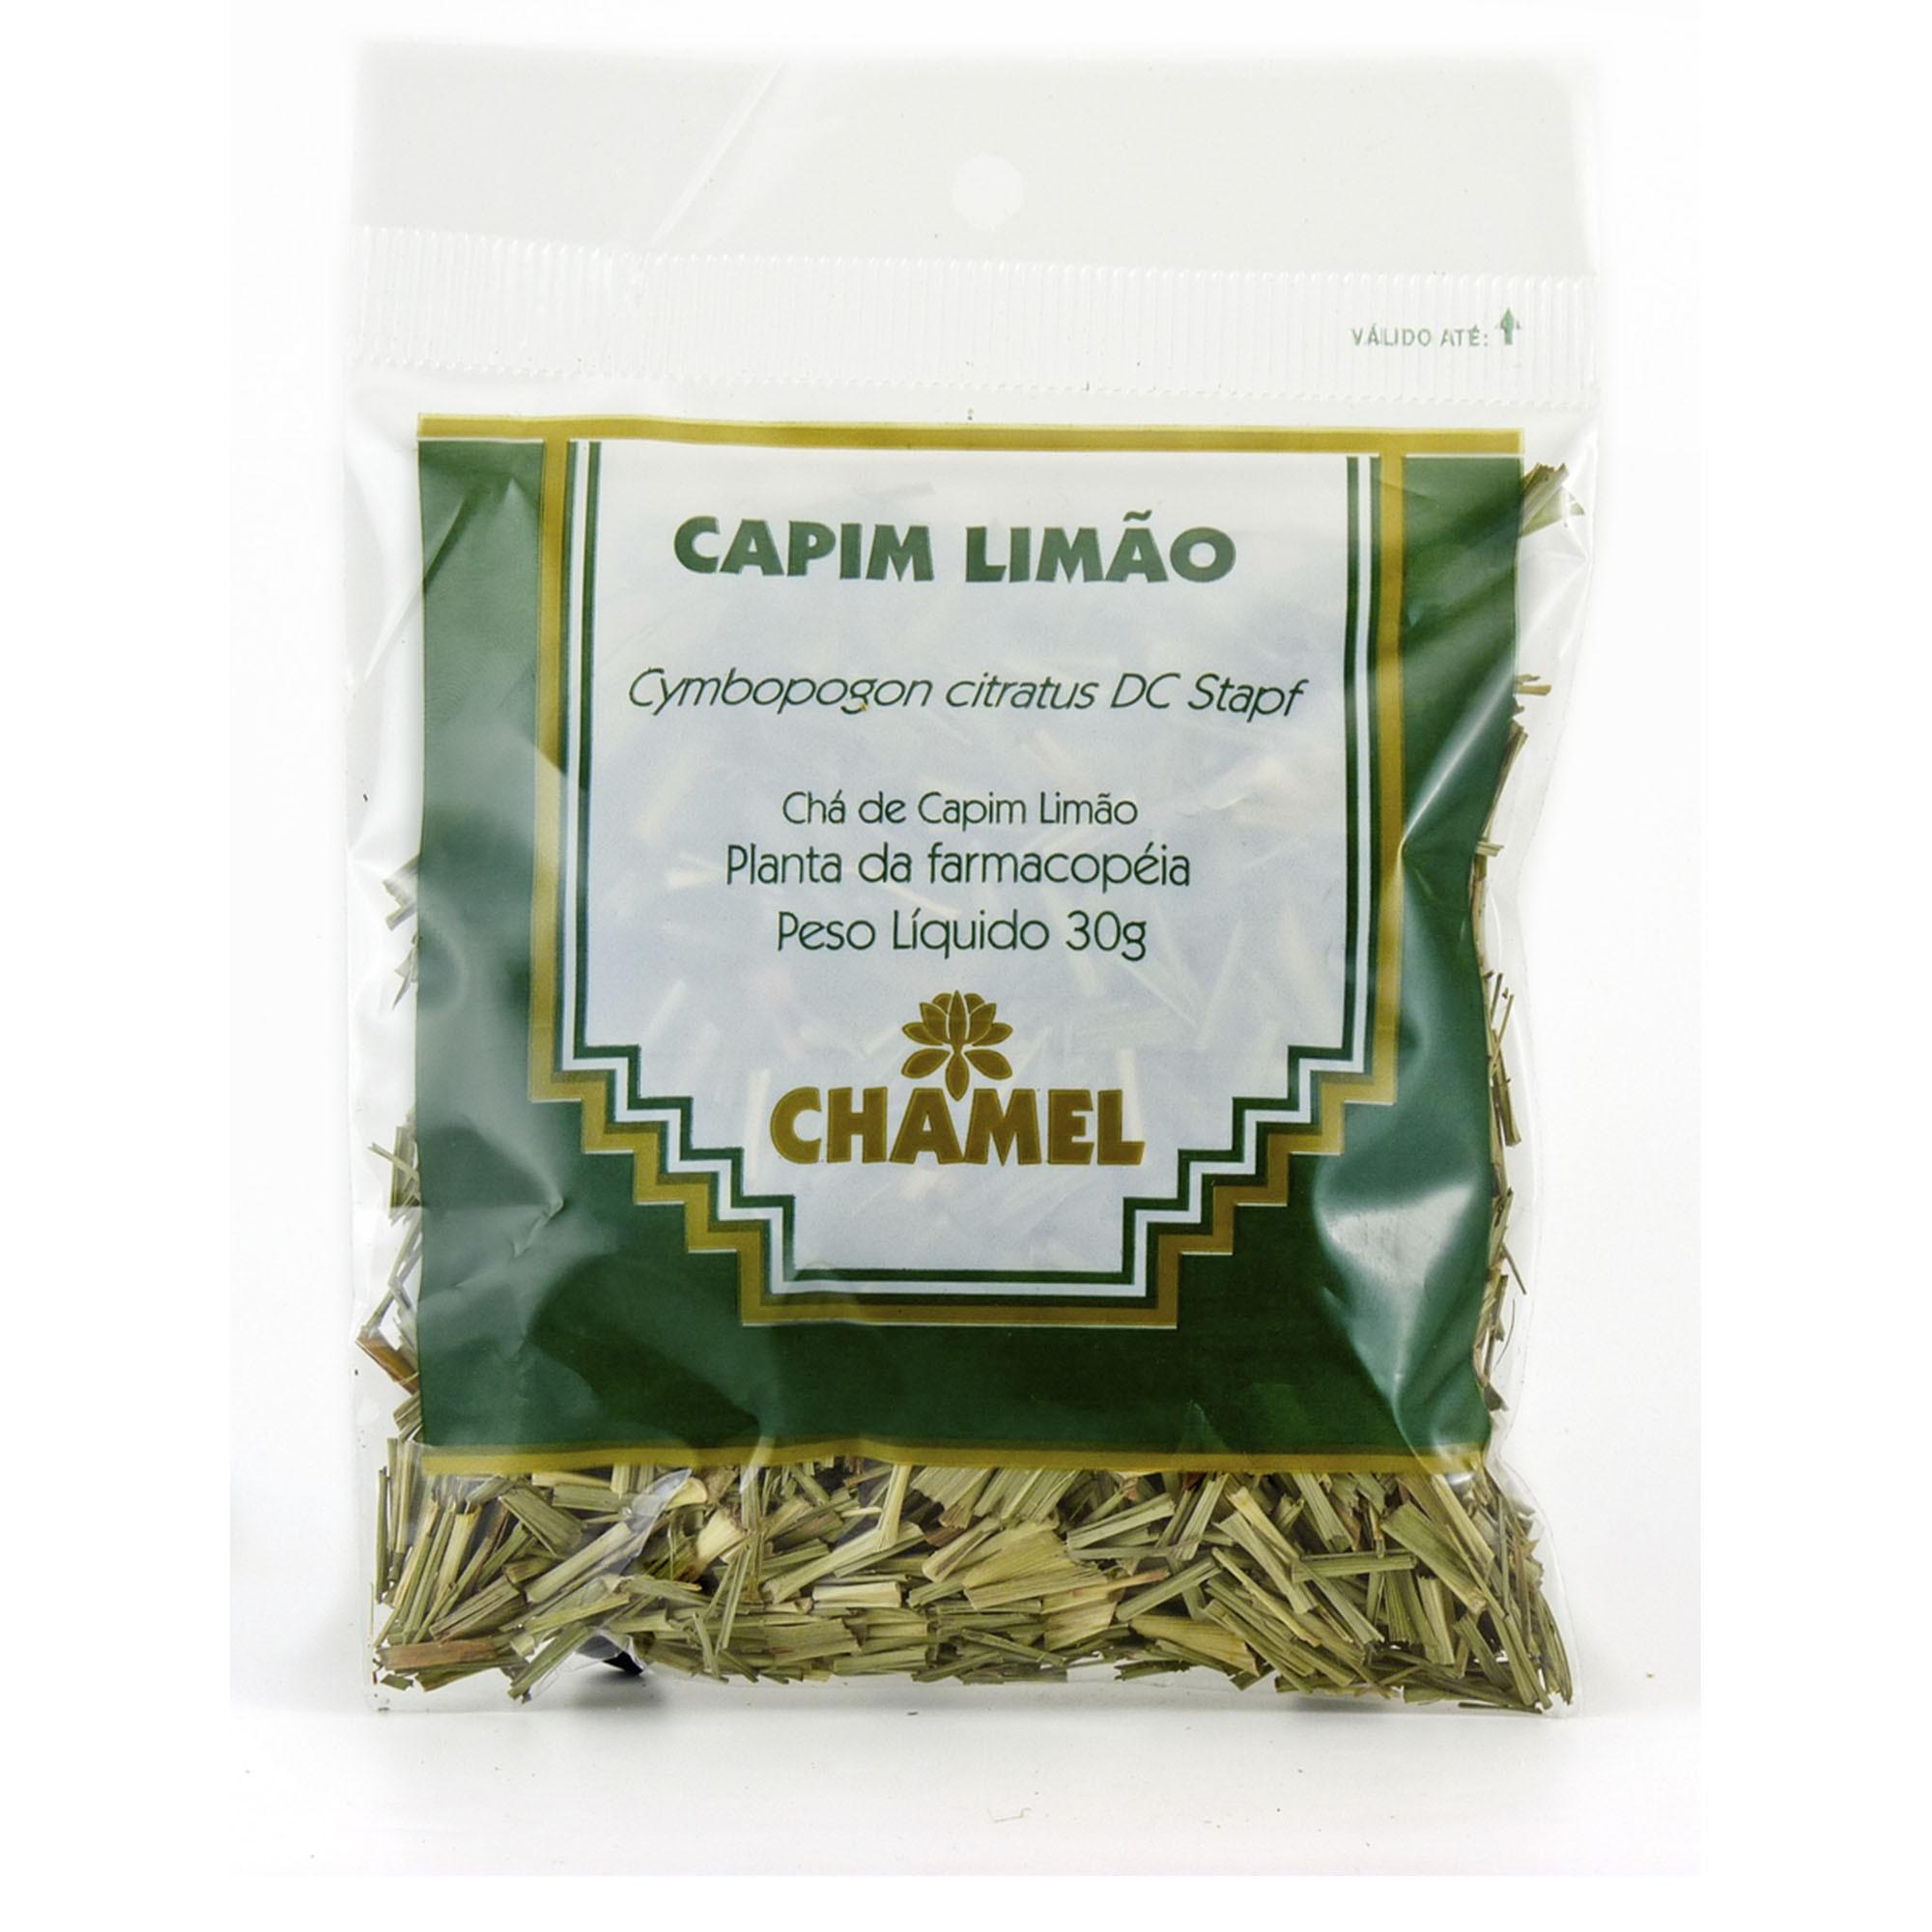 Capim Limão (Cidreira) 30g Chamel - Chá-Folhas